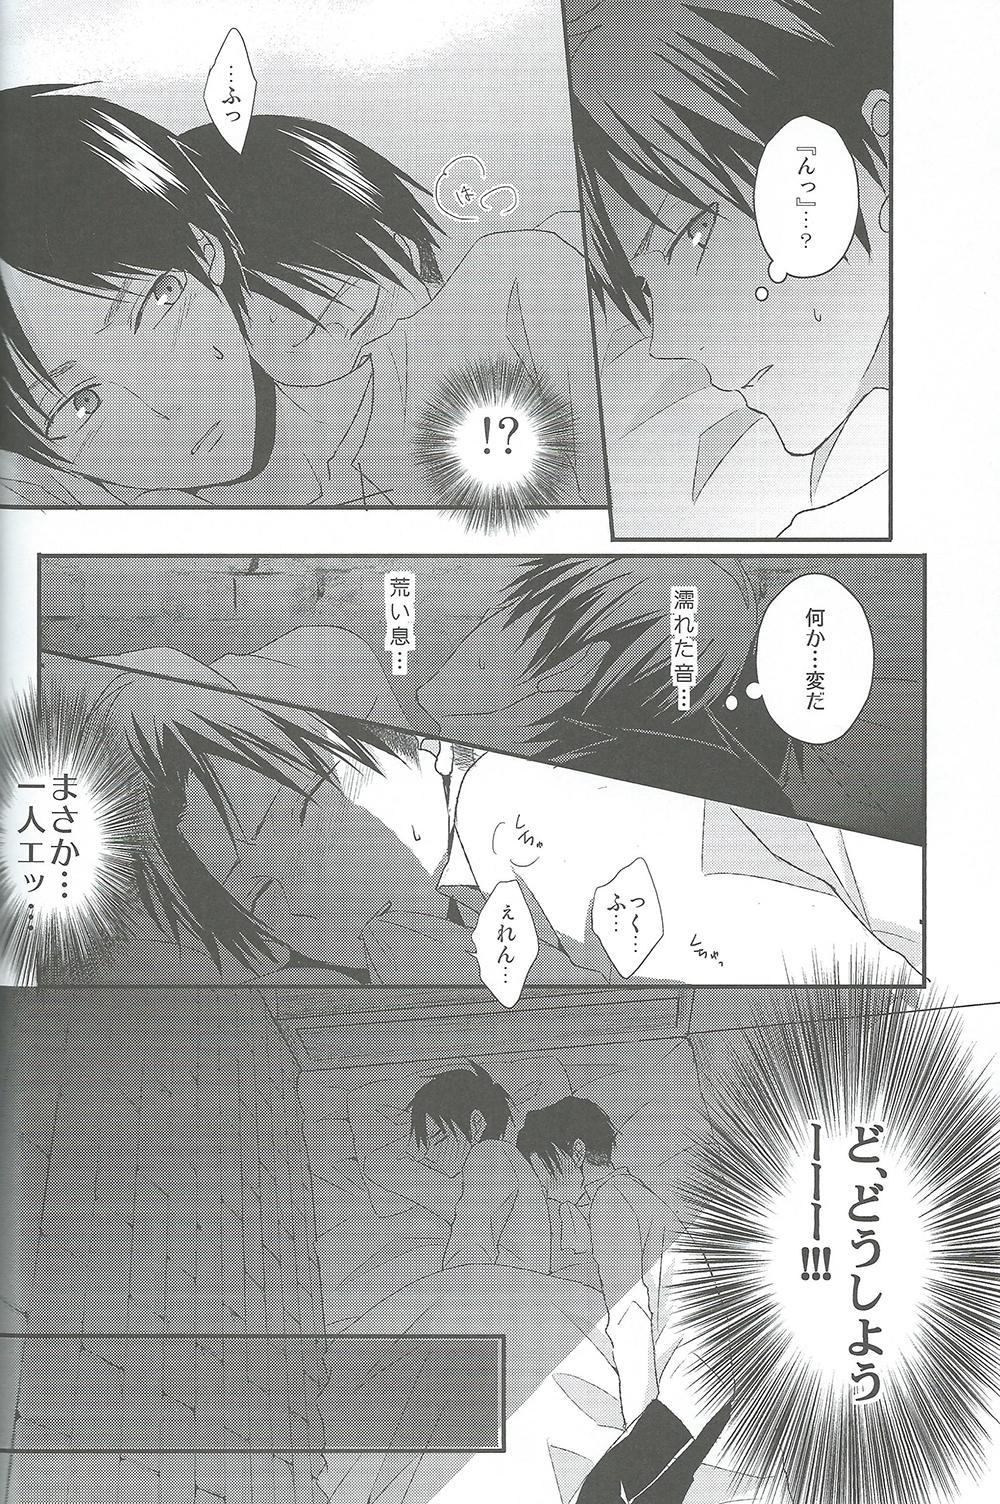 Yandere no Heichou ni Sinuhodo Aisarete yoru mo Nemurenai 16